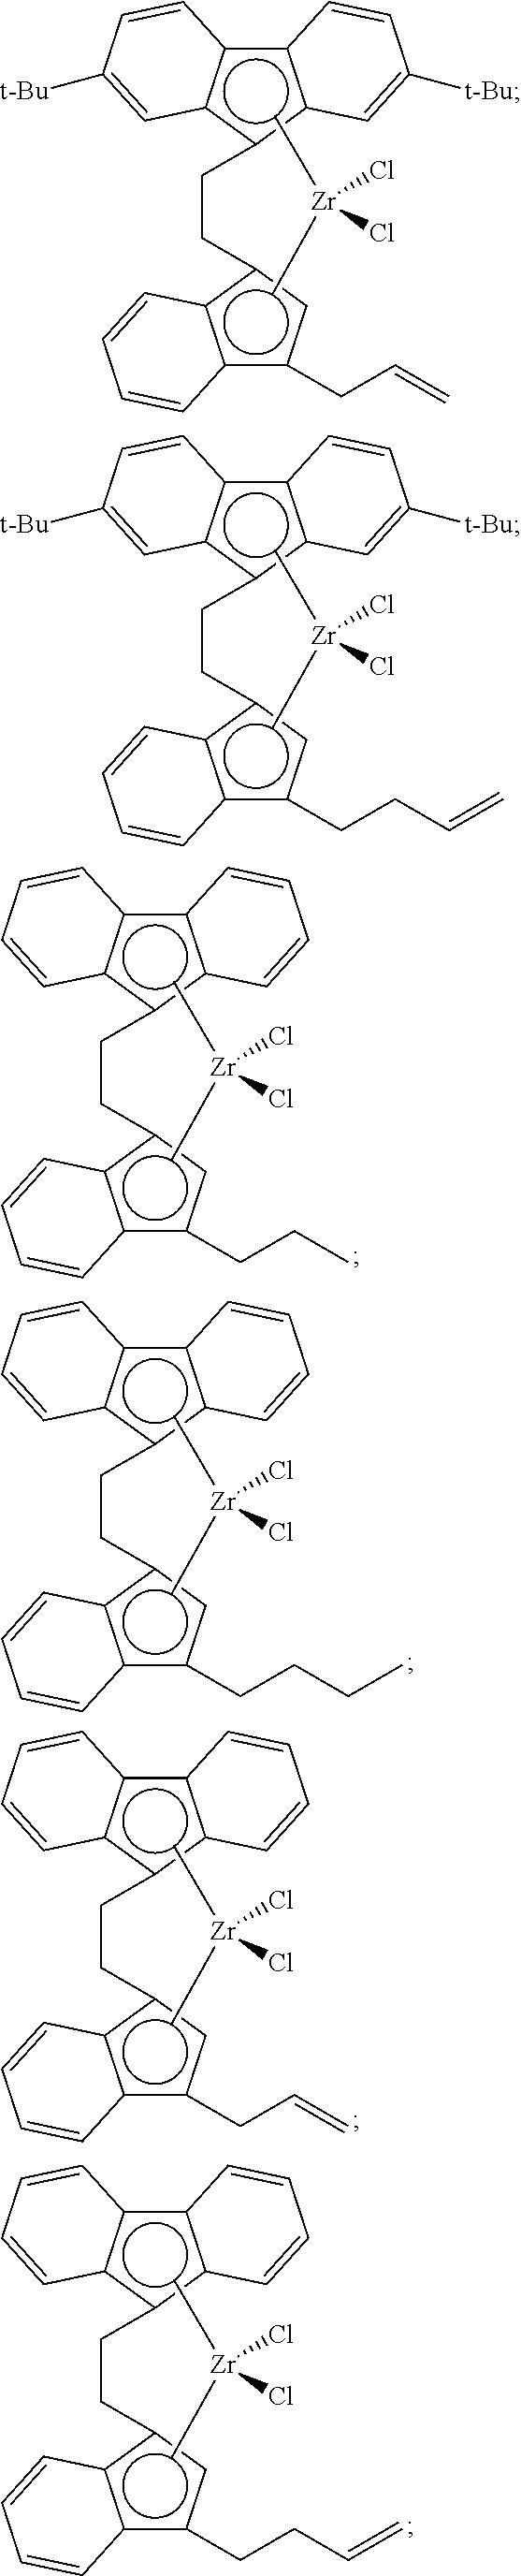 Figure US08288487-20121016-C00036